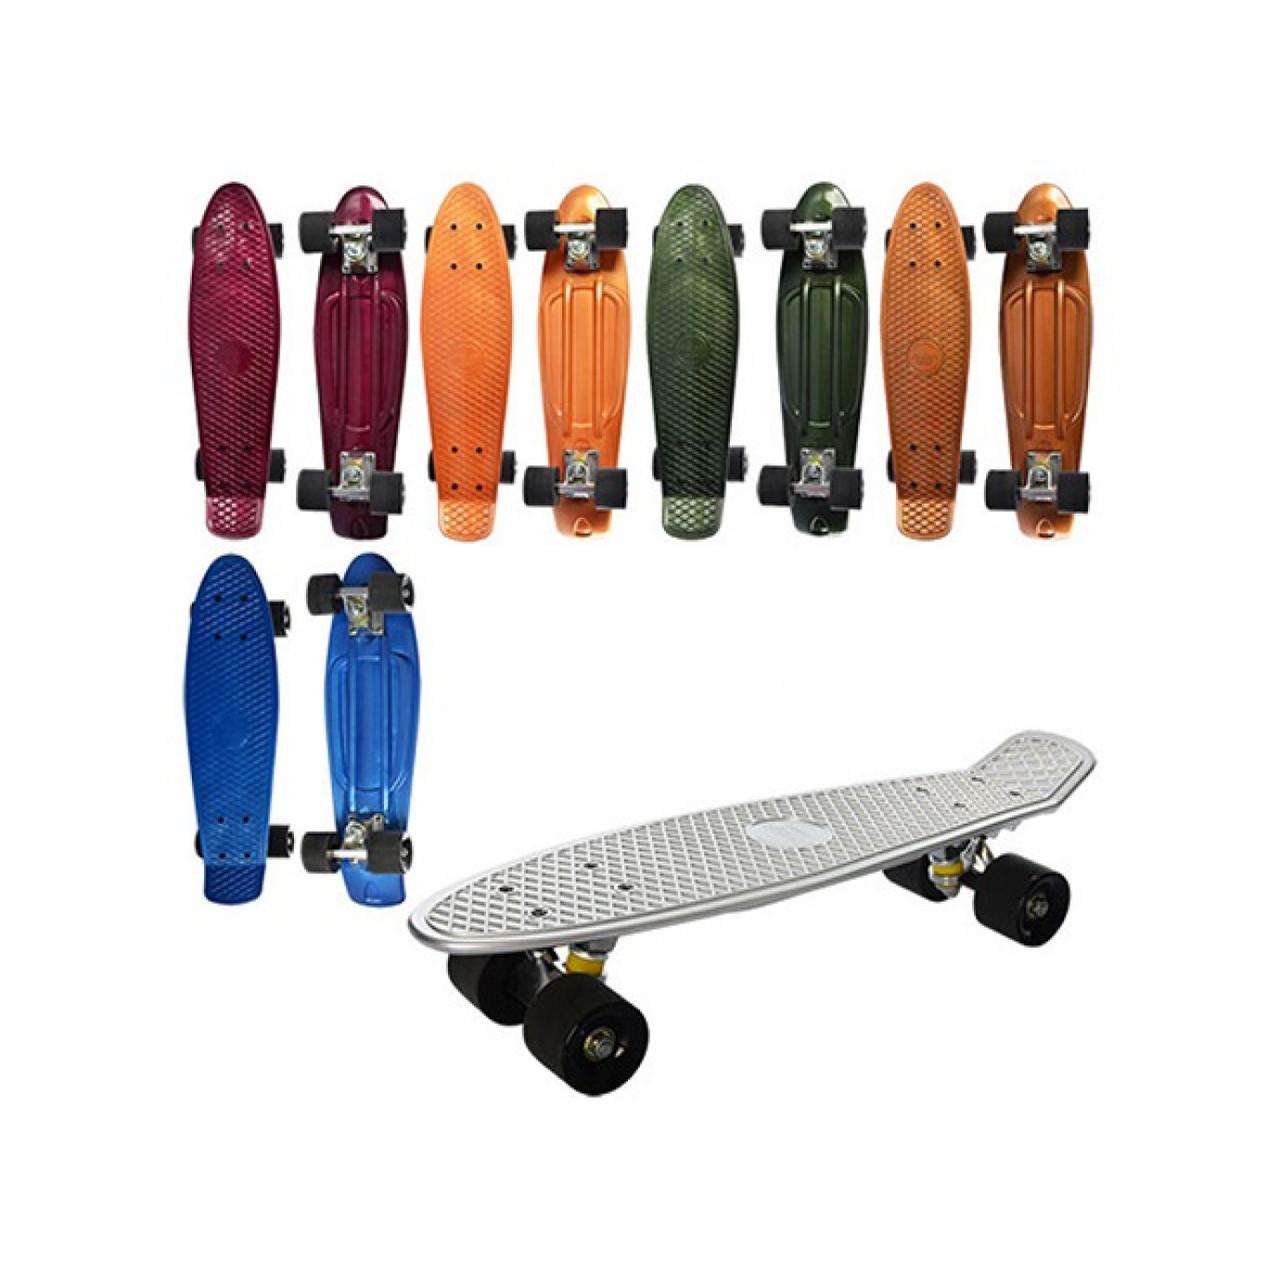 Скейт колеса поліуретан, алюмінієва підвіска, 55х14,5см MS0297